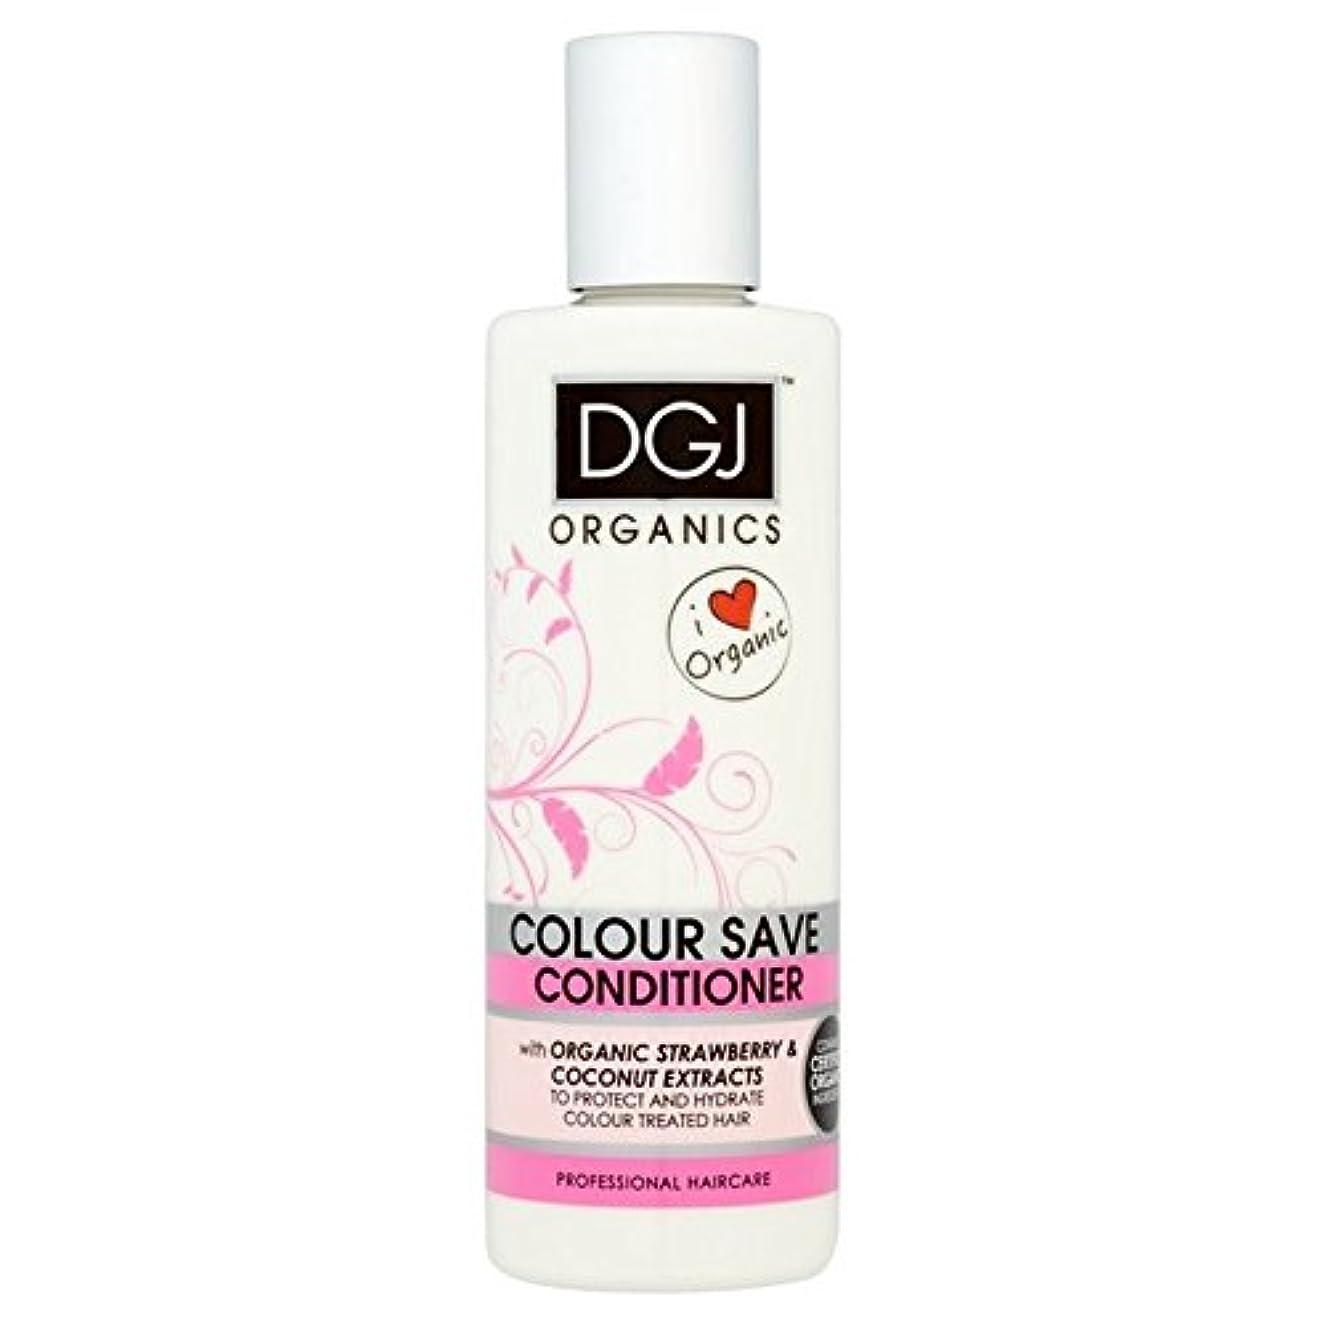 覗く羨望完璧DGJ Organics Colour Save Conditioner 250ml (Pack of 6) - 有機物の色コンディショナー250を保存 x6 [並行輸入品]